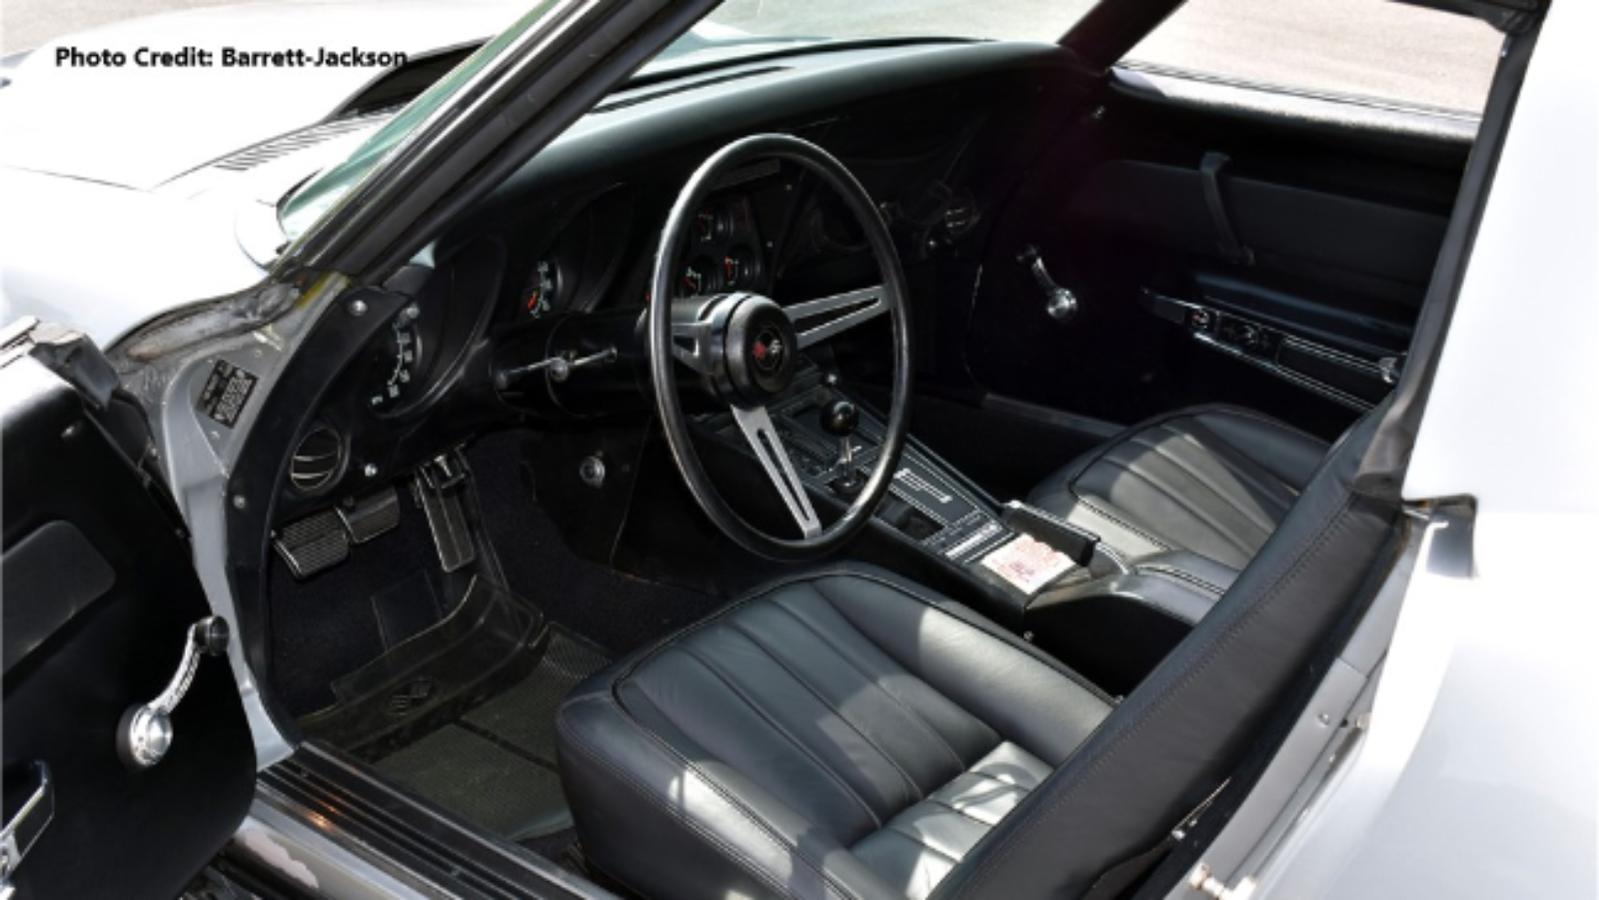 Retro Review: 1969 L88 Corvette